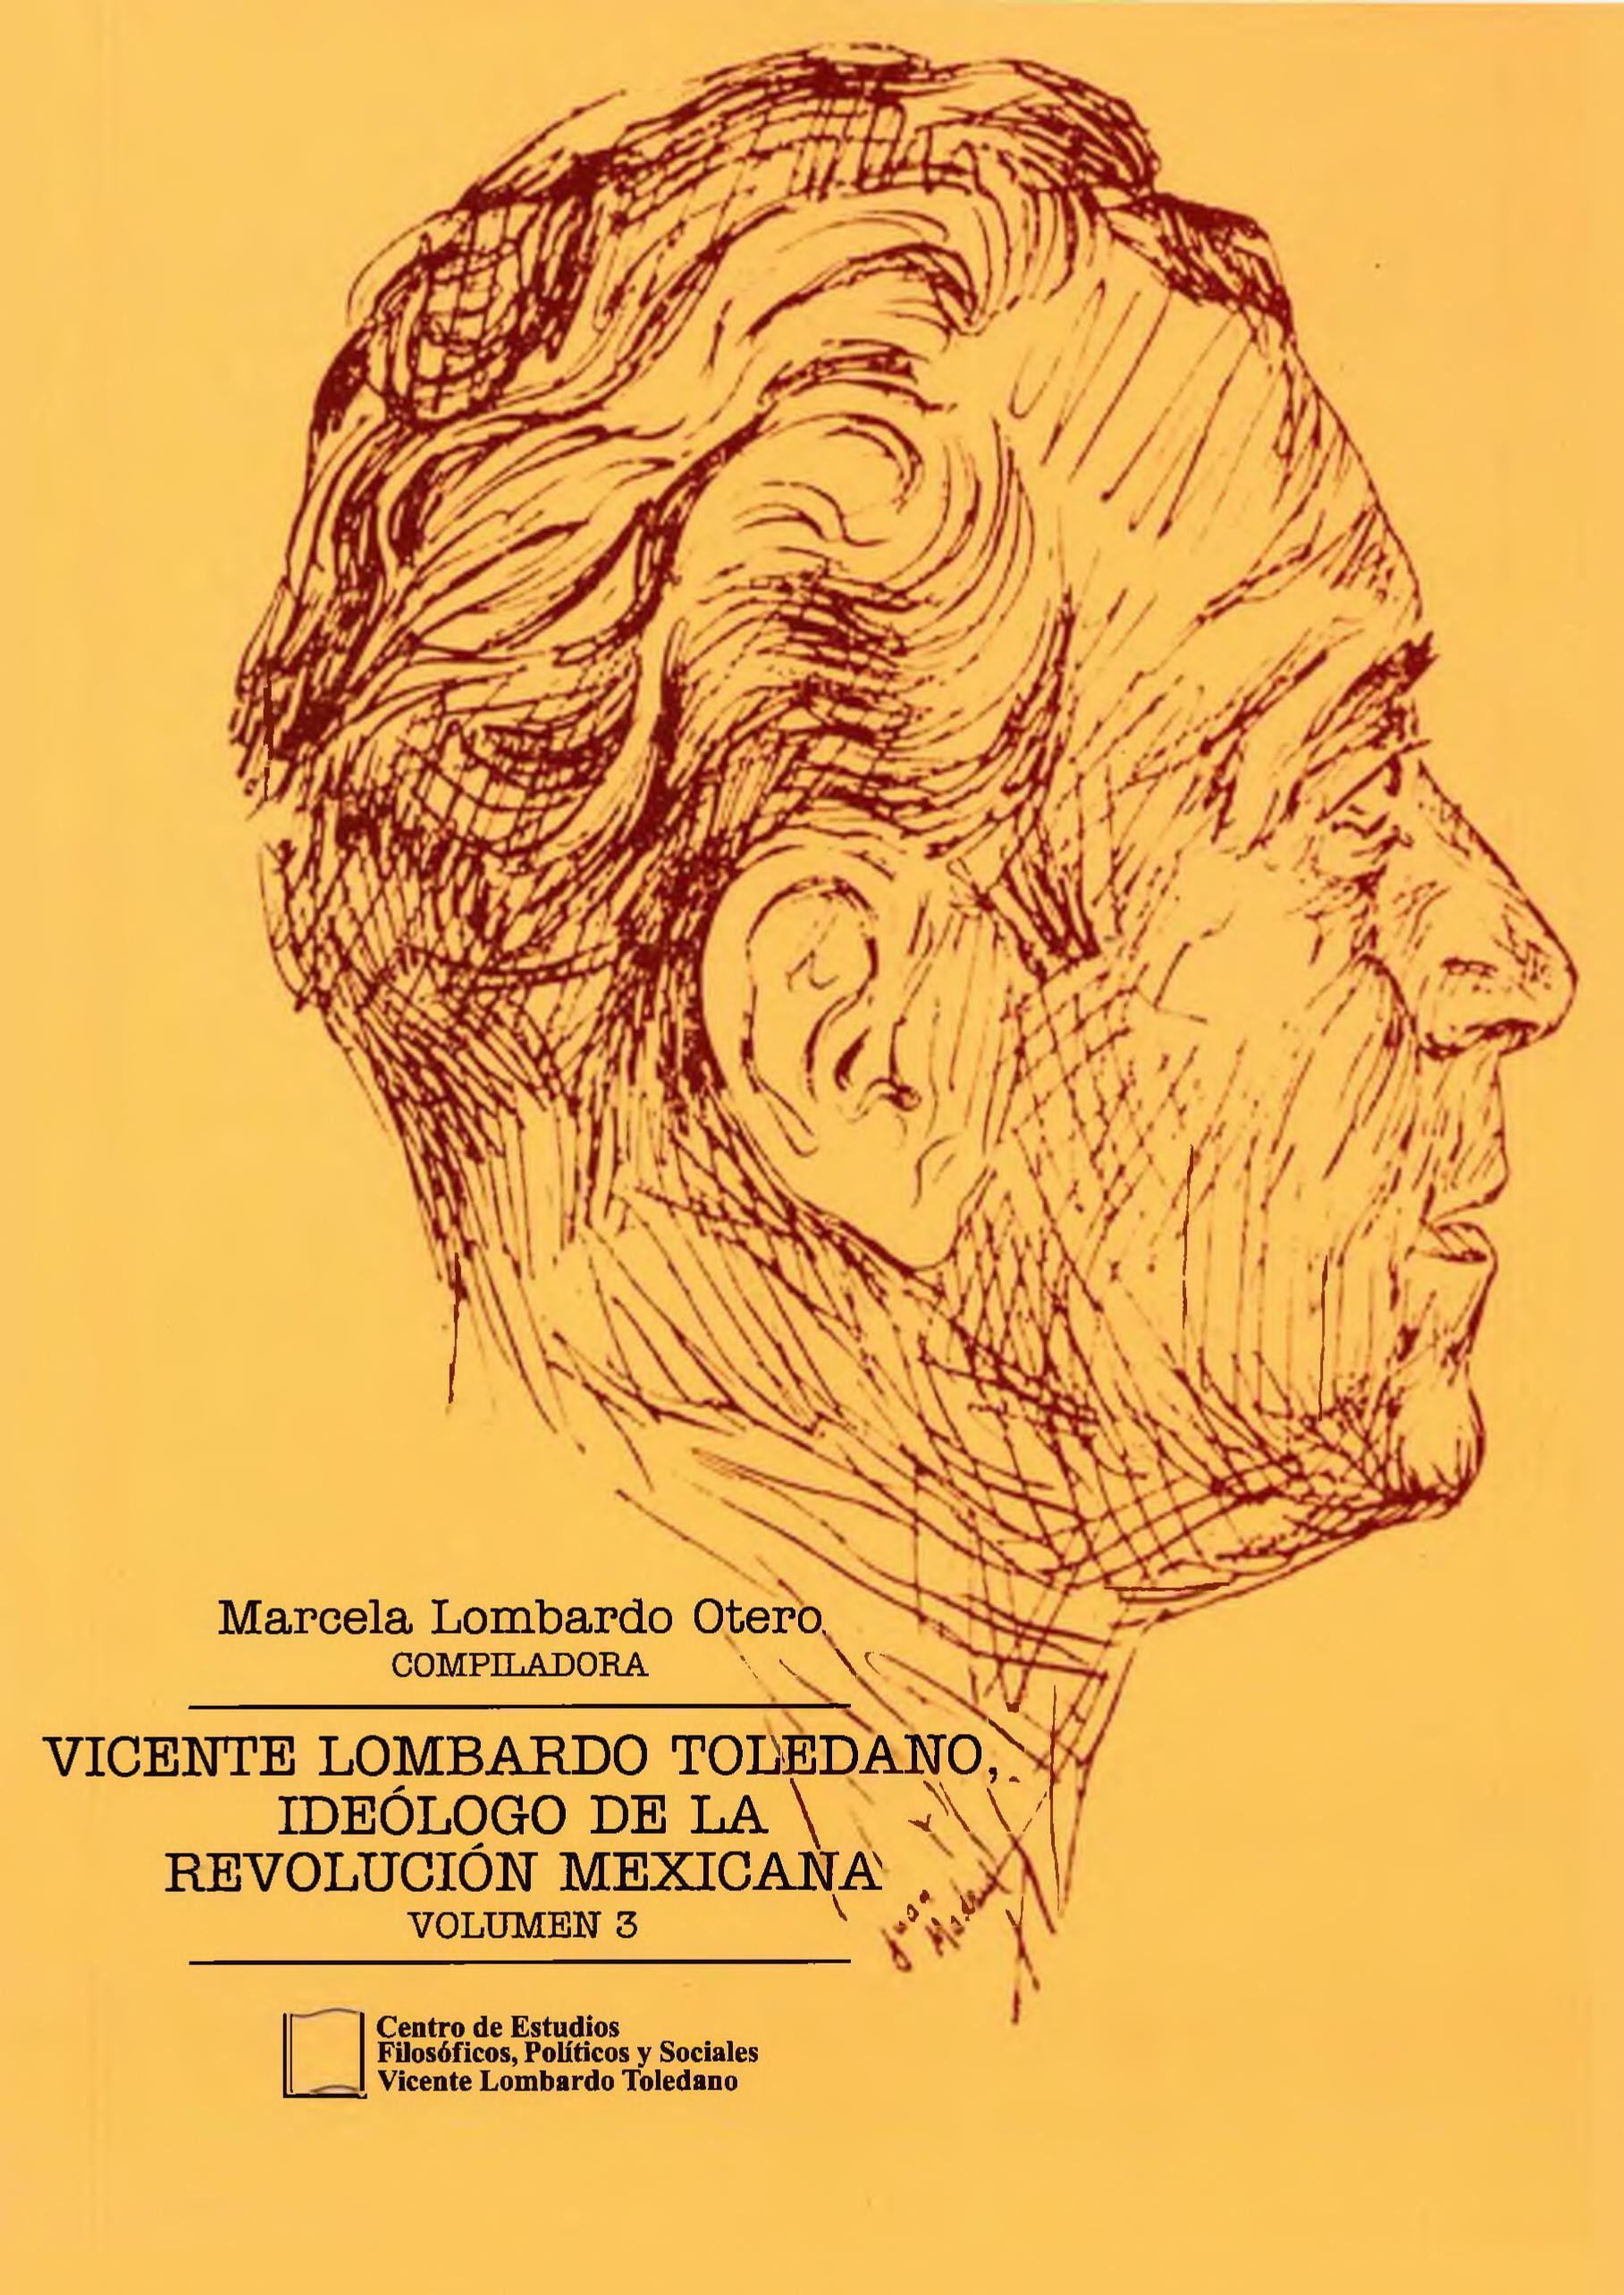 Portada del libro: VICENTE LOMBARDO TOLEDANO, IDEÓLOGO DE LA REVOLUCIÓN MEXICANA VOL. 3